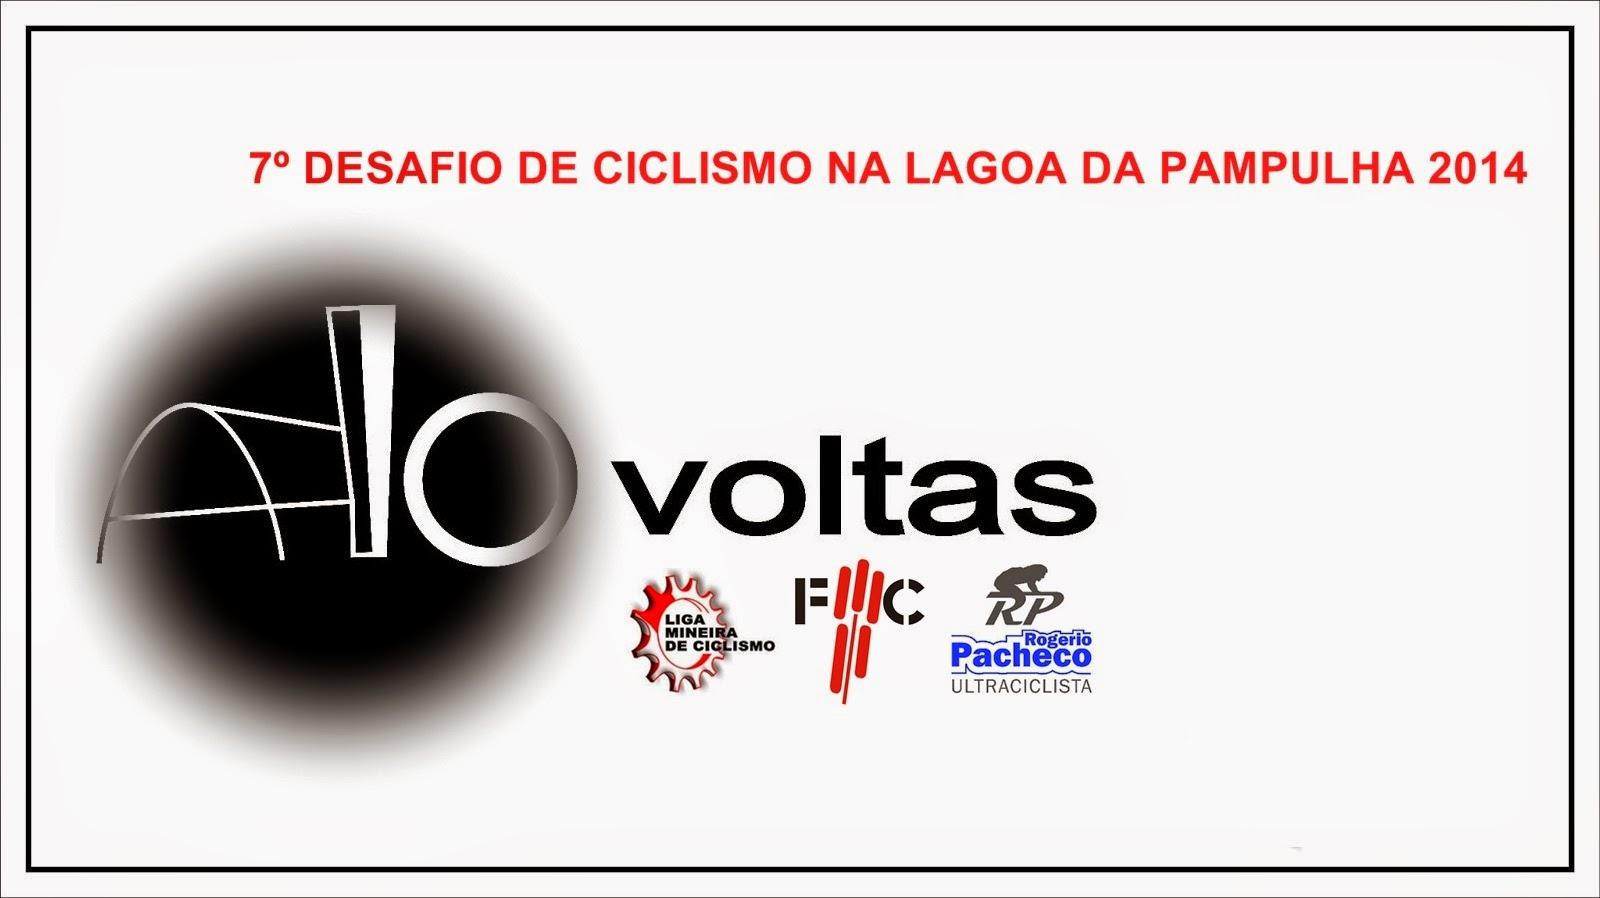 7°Desafio 10 Voltas de Ciclismo na Lagoa da Pampulha - INSCRIÇÕES ABERTAS!